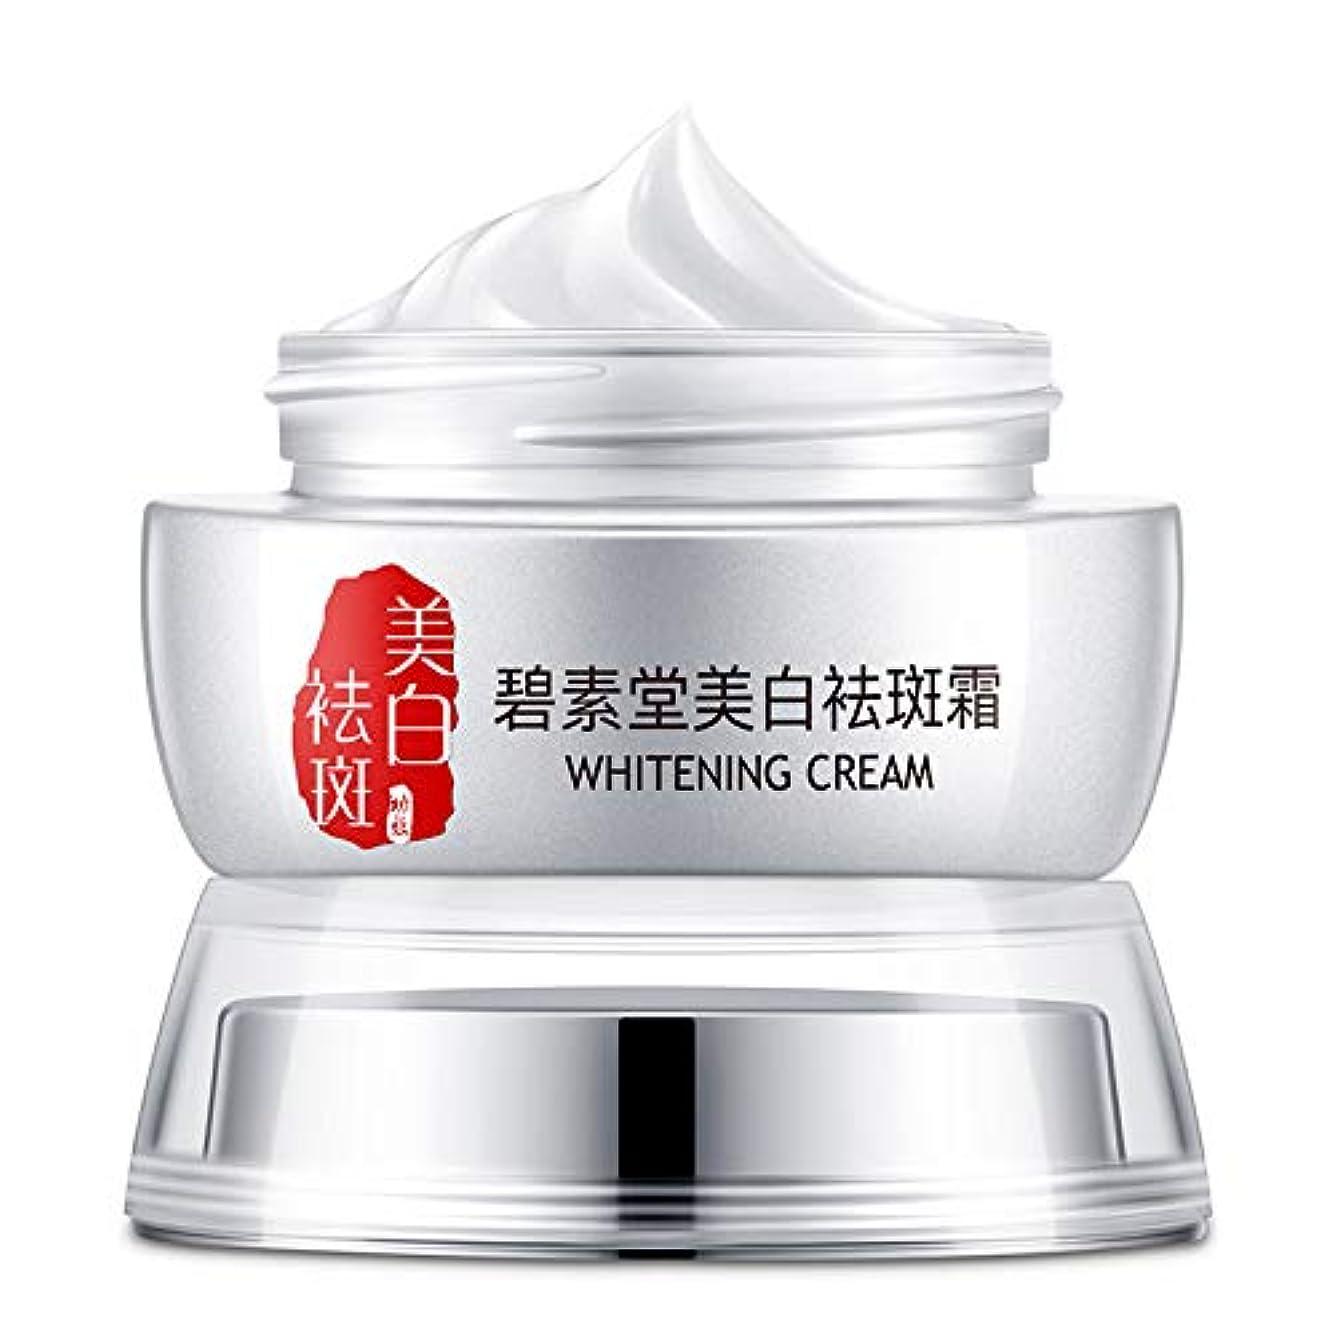 スピーカー電子レンジ漏斗Symboat Face Skin Whitening Remove Freckle Spot Cream Moisturizers Skin Clean Face Dark Spots Cosmetics